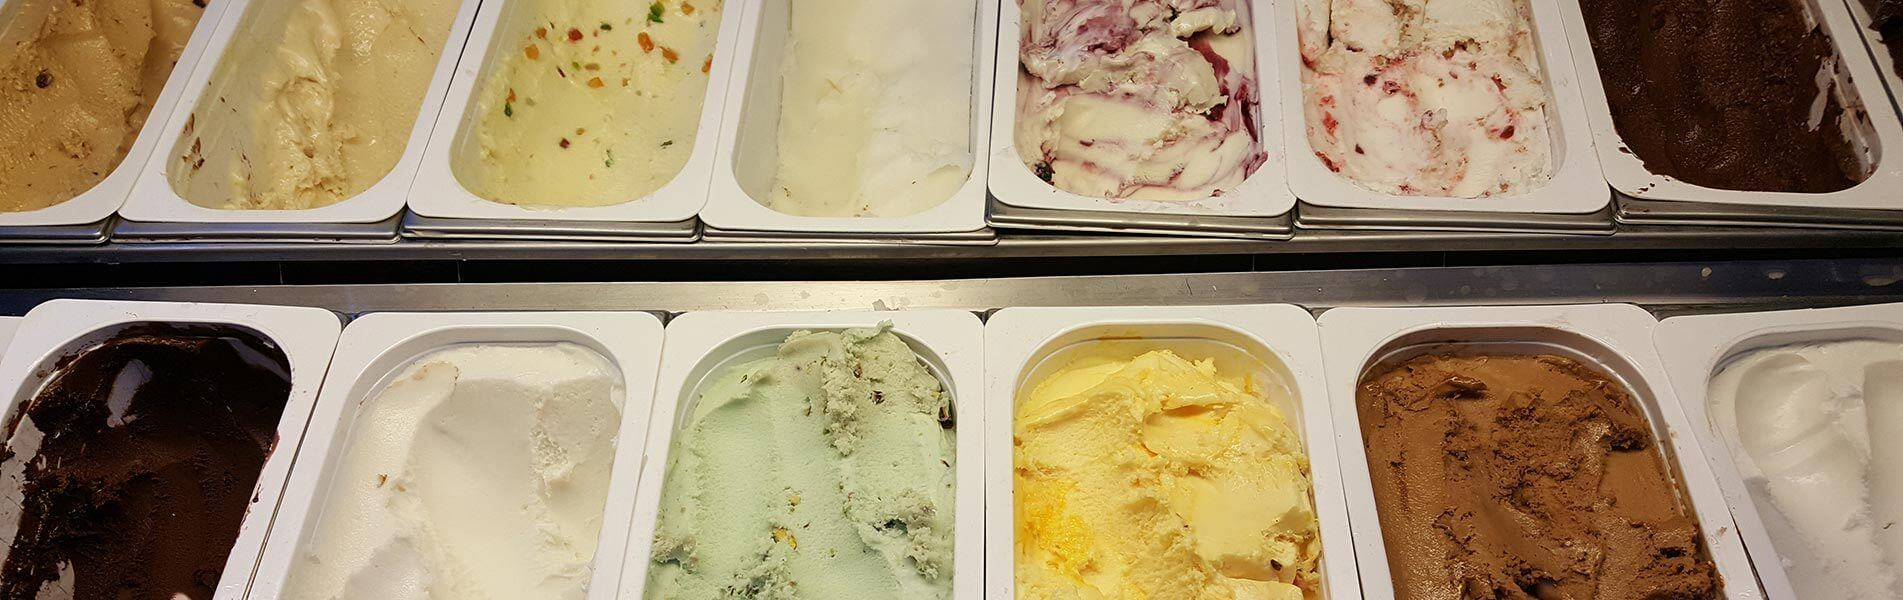 Παγωτά - Ζαχαροπλαστείο Χαρά